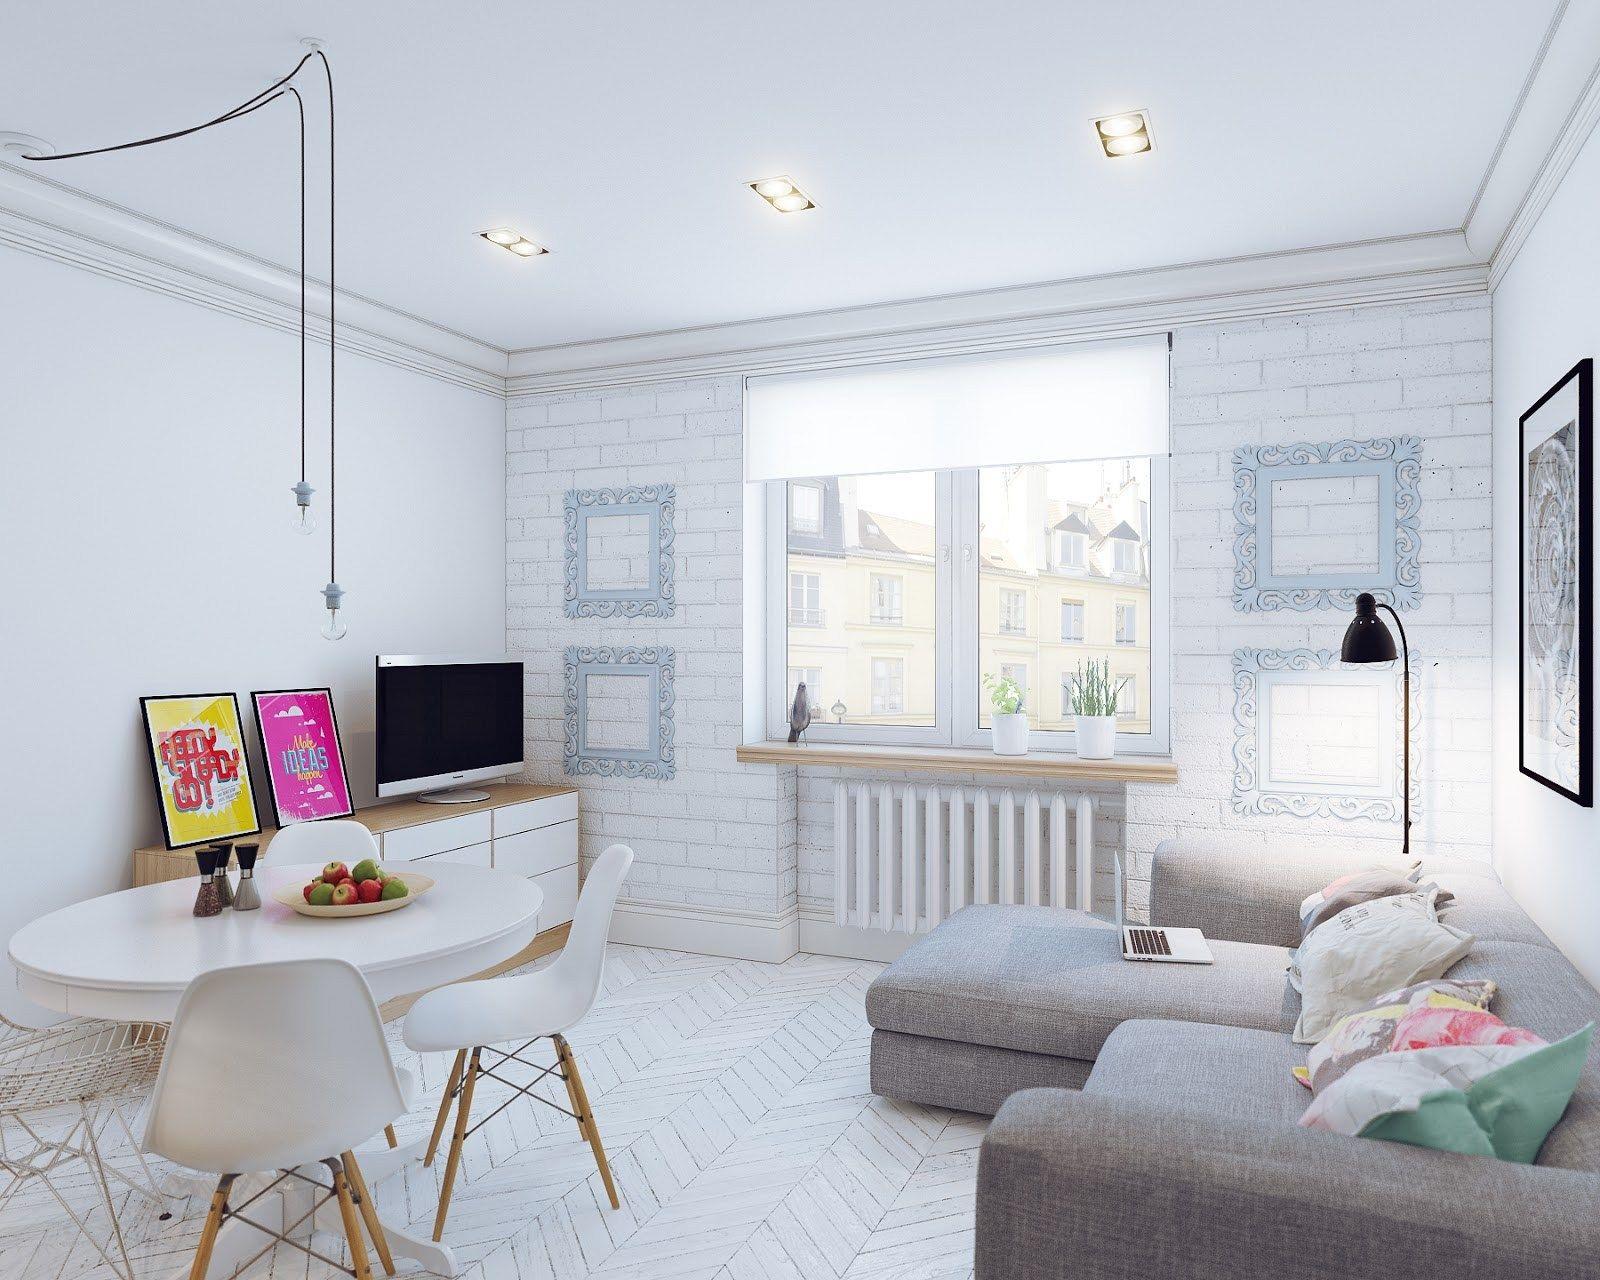 30 Impressionante Arredare Casa Con Poco